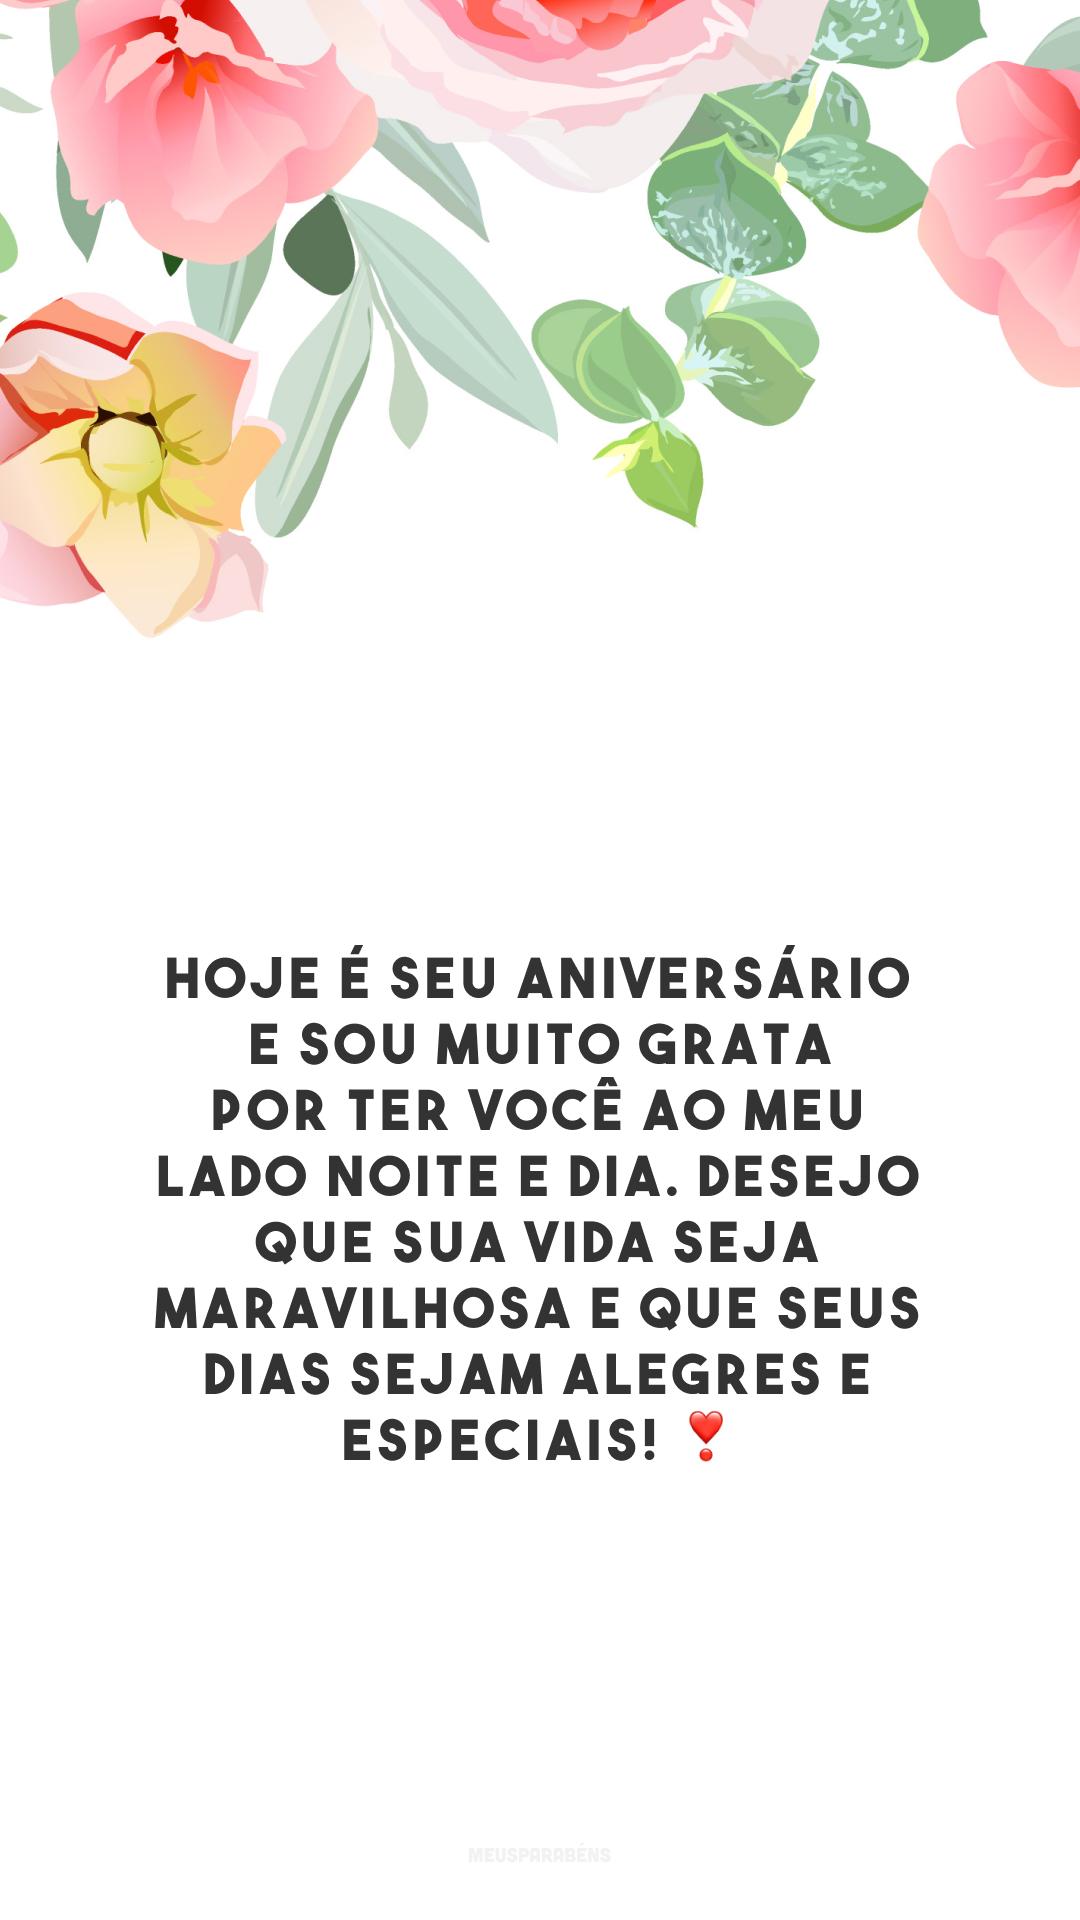 Hoje é seu aniversário e sou muito grata por ter você ao meu lado noite e dia. Desejo que sua vida seja maravilhosa e que seus dias sejam alegres e especiais! ❣️